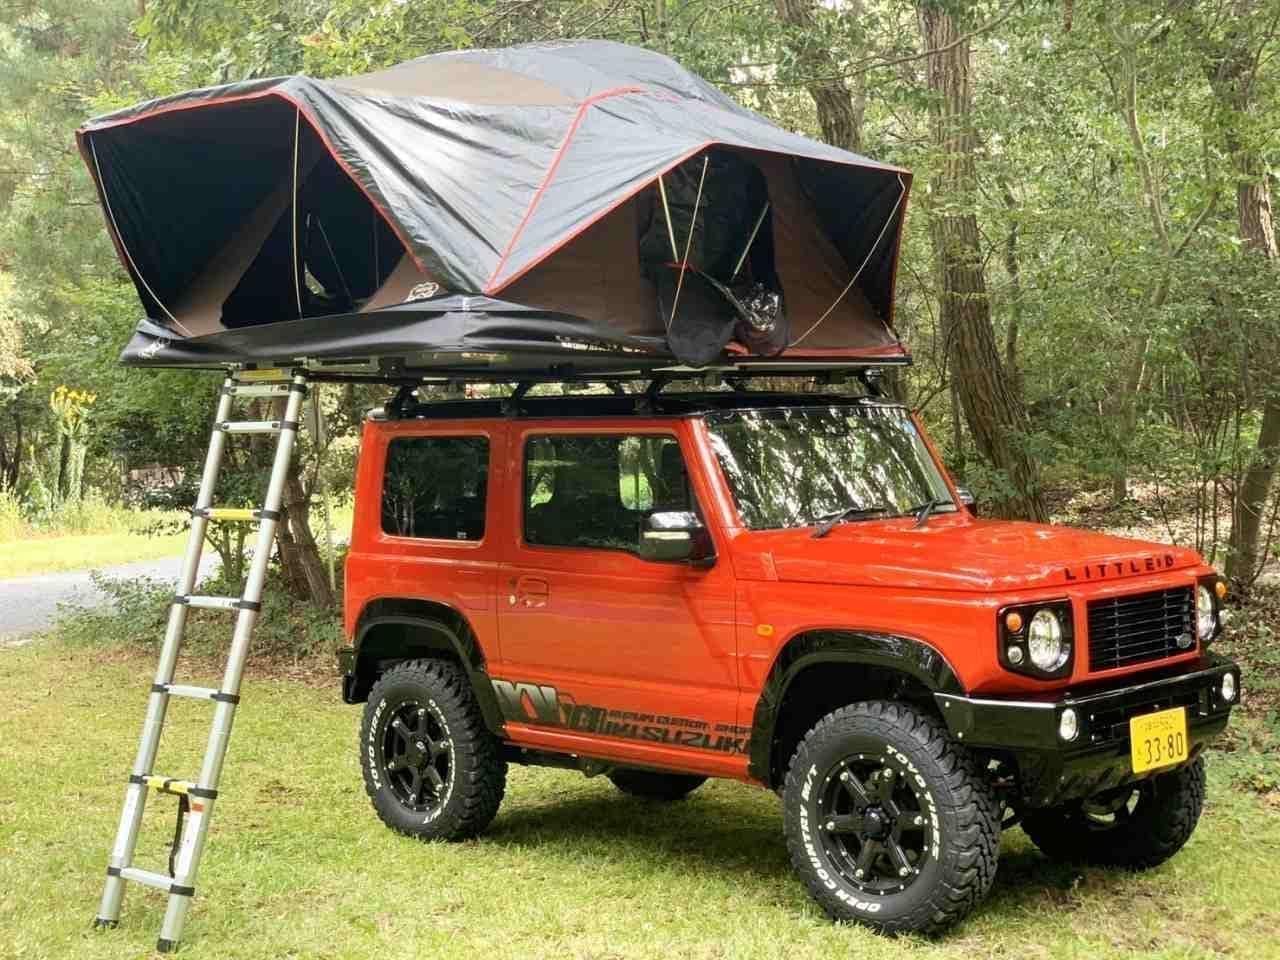 ジムニーなどの小型車でもキャンプが楽しめる「X-Cover」